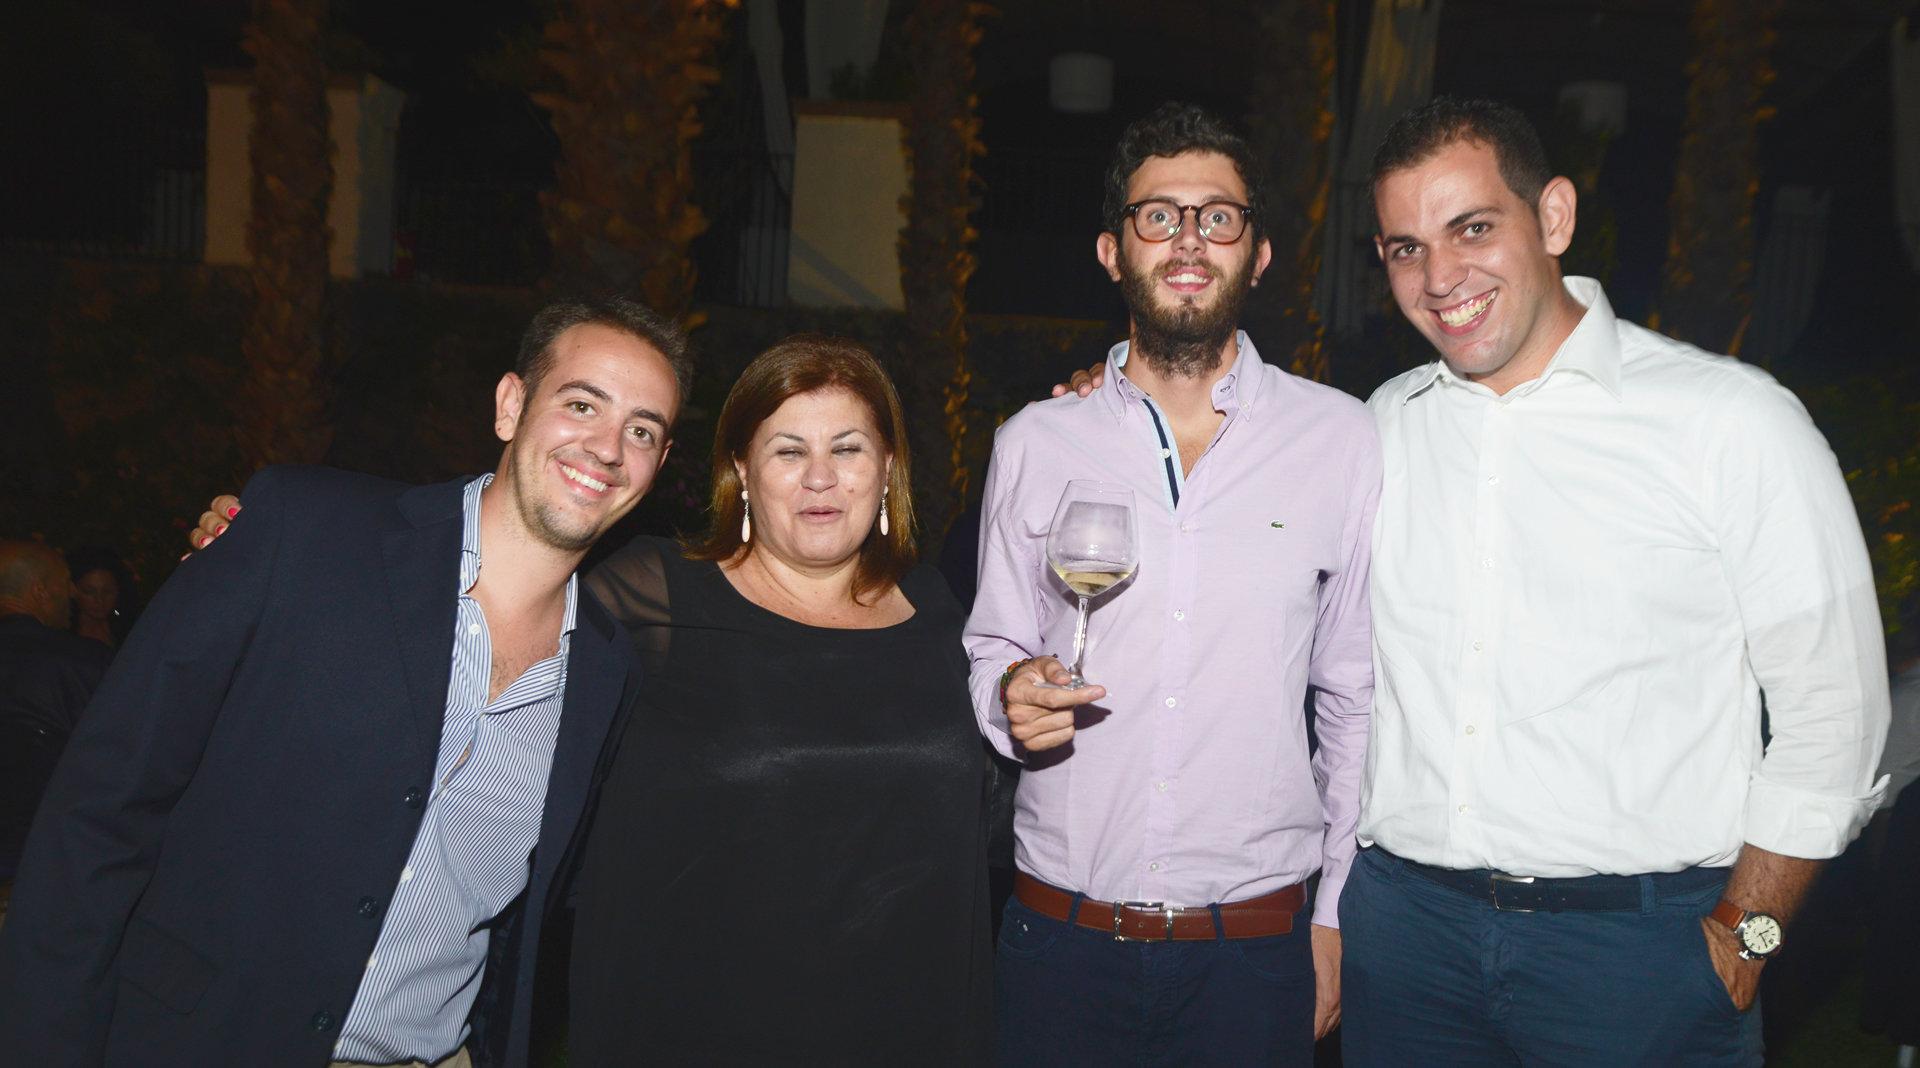 Il team di Terra Siciliae: Sebastiano Piazza, Anna Quartarone, Emanuele Palumbo, Francesco La Giglia